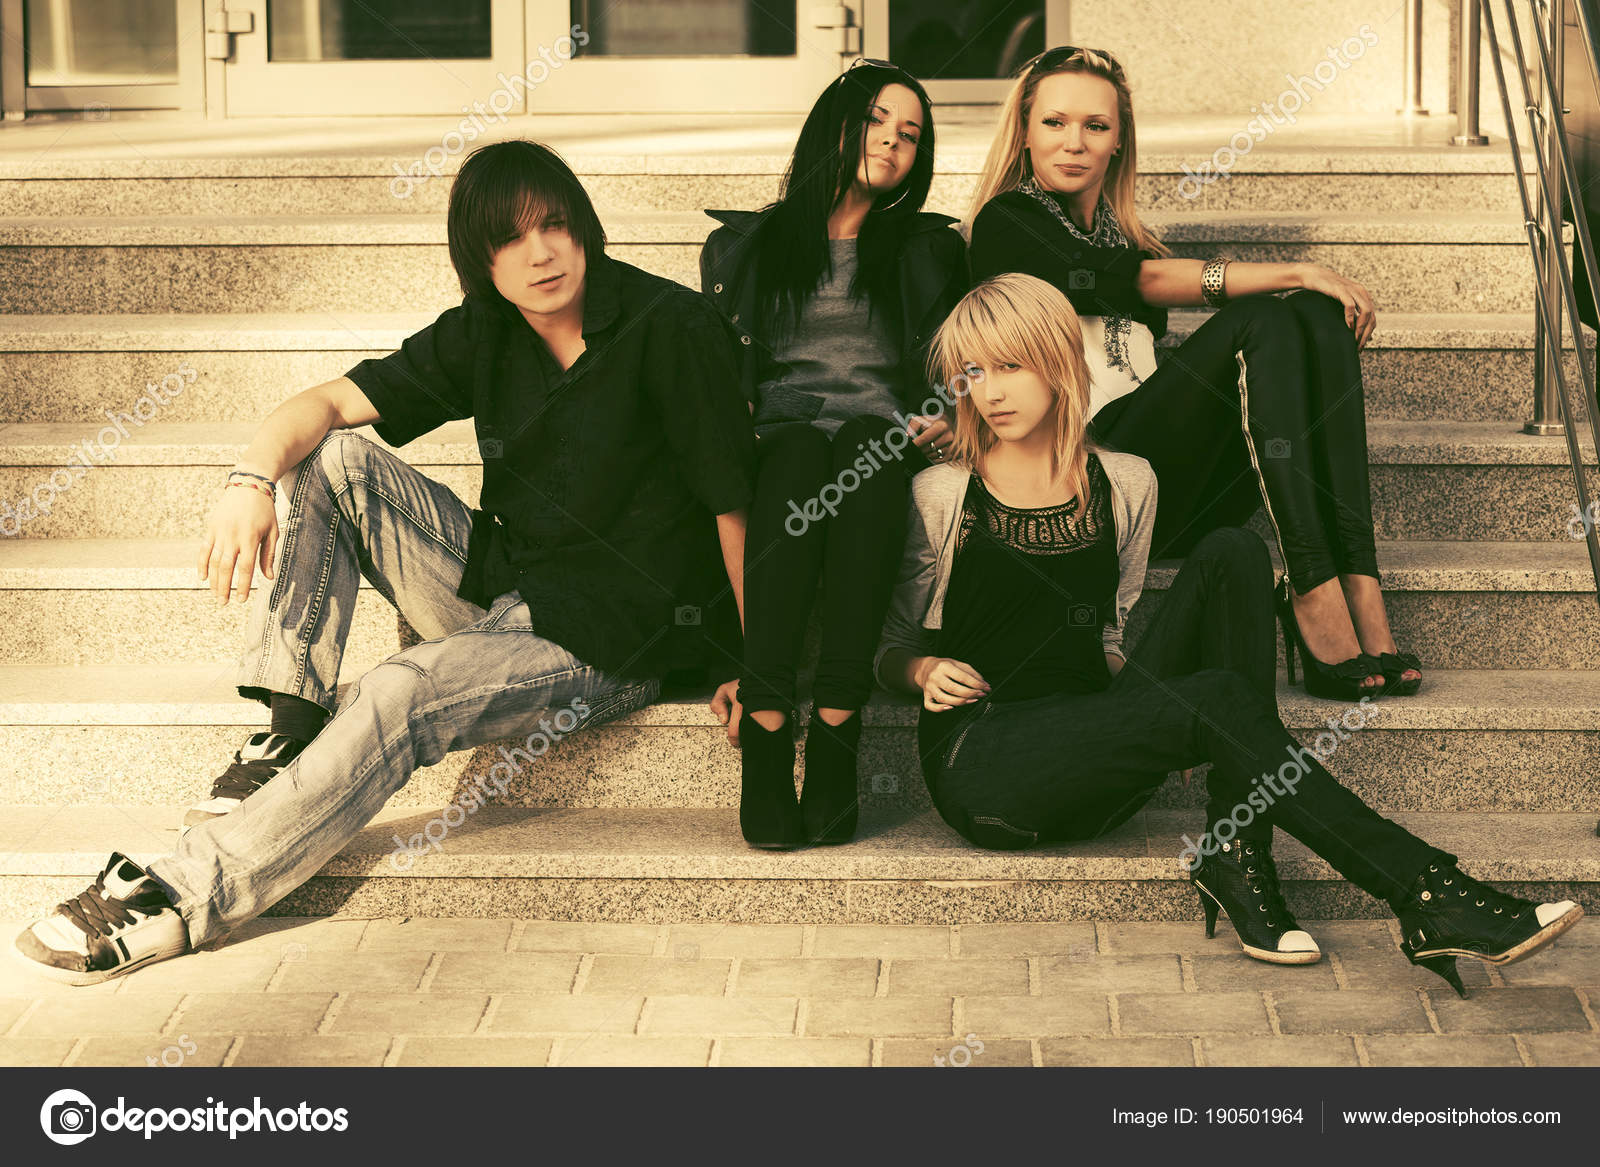 b52987403ba2 Mladá móda muži a ženy sedí na schodech stylové módní mužské a ženské  modely venkovní — Fotografie od ...